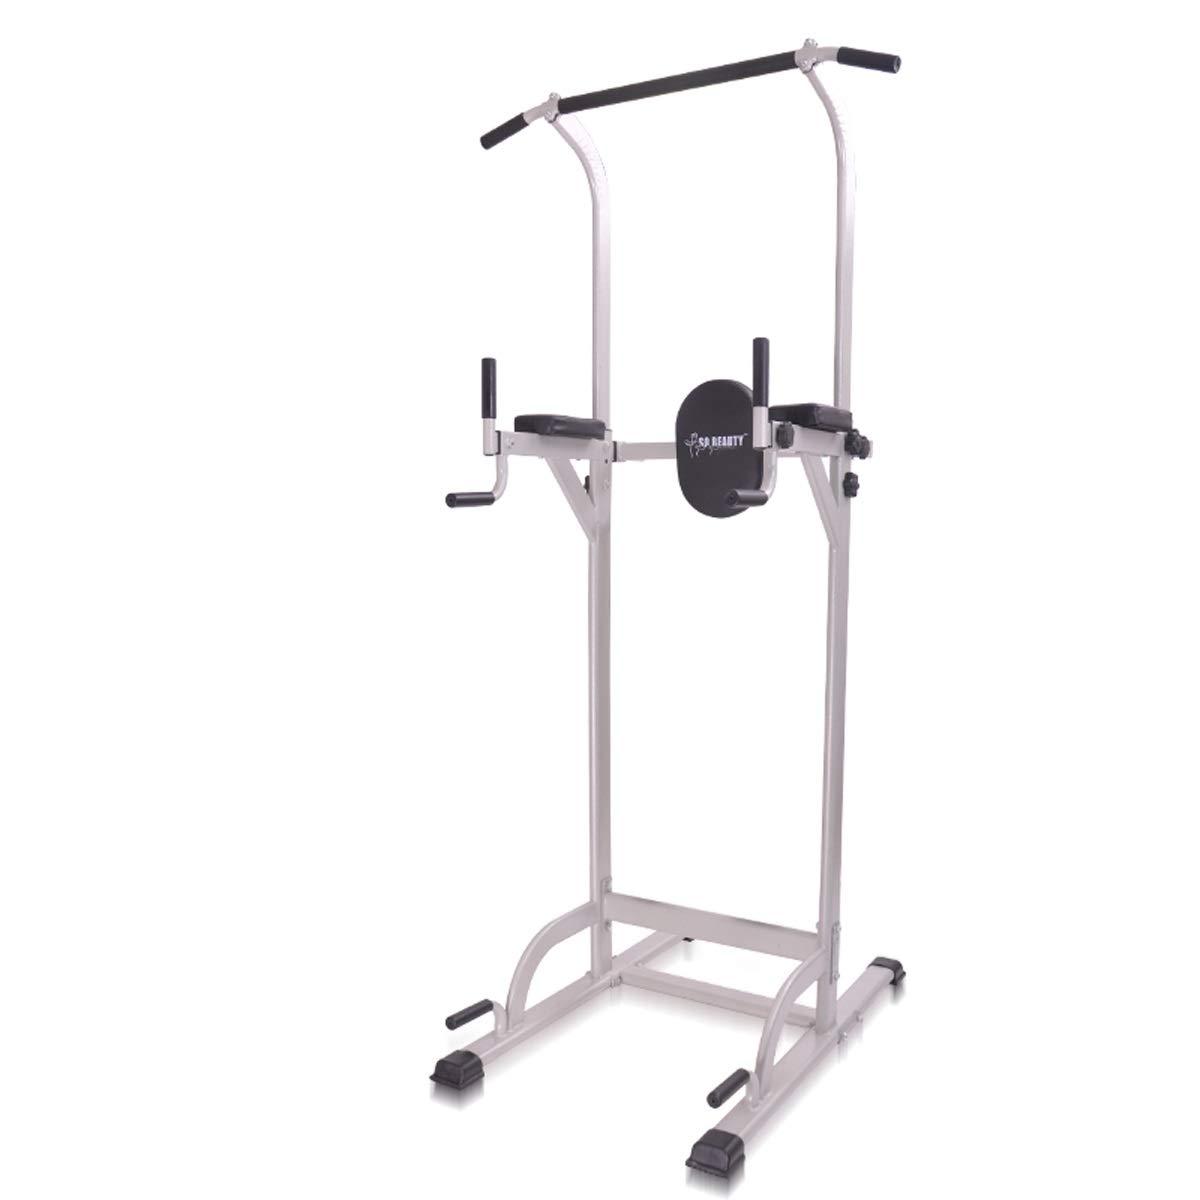 家庭用水平バー引き上げ装置多機能屋内用平行棒フィットネス機器ウォーキングマシンスポーツ用具